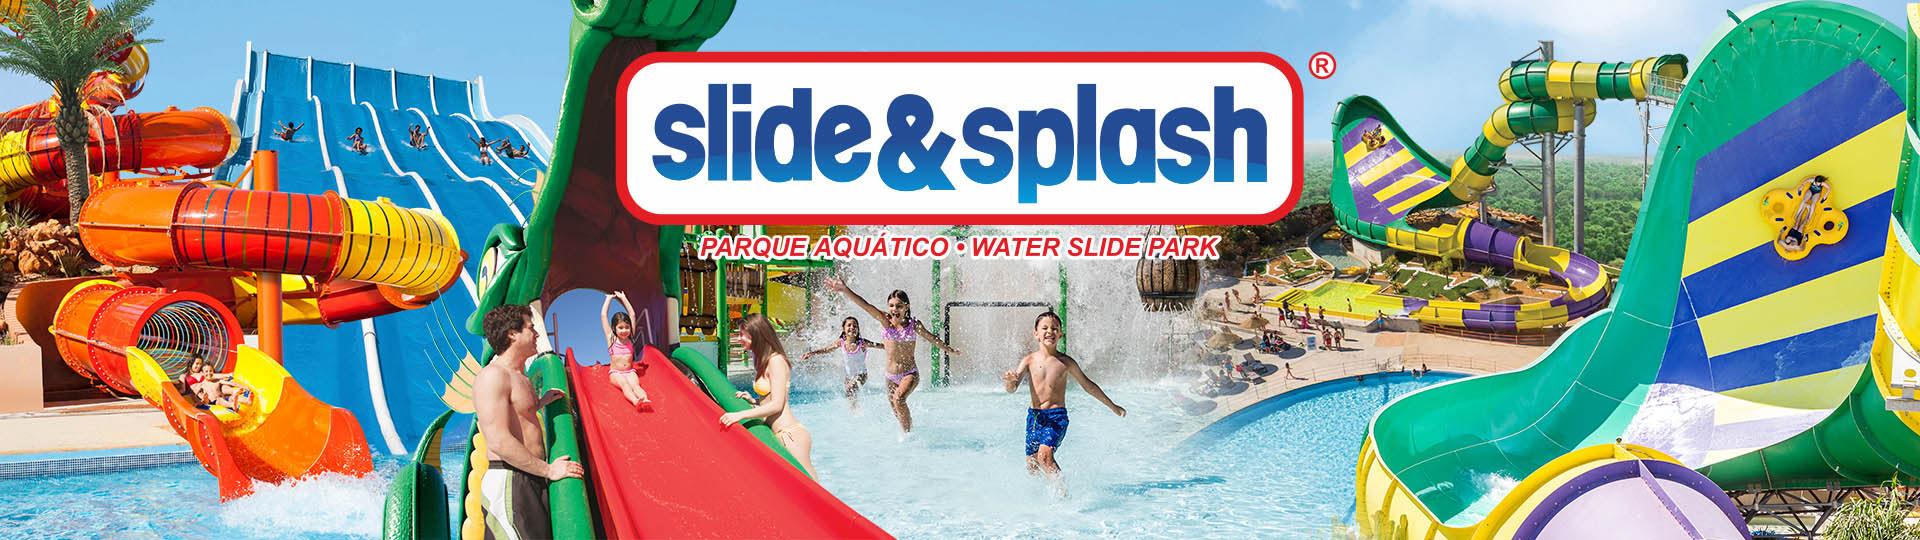 Slide&Splash 2021